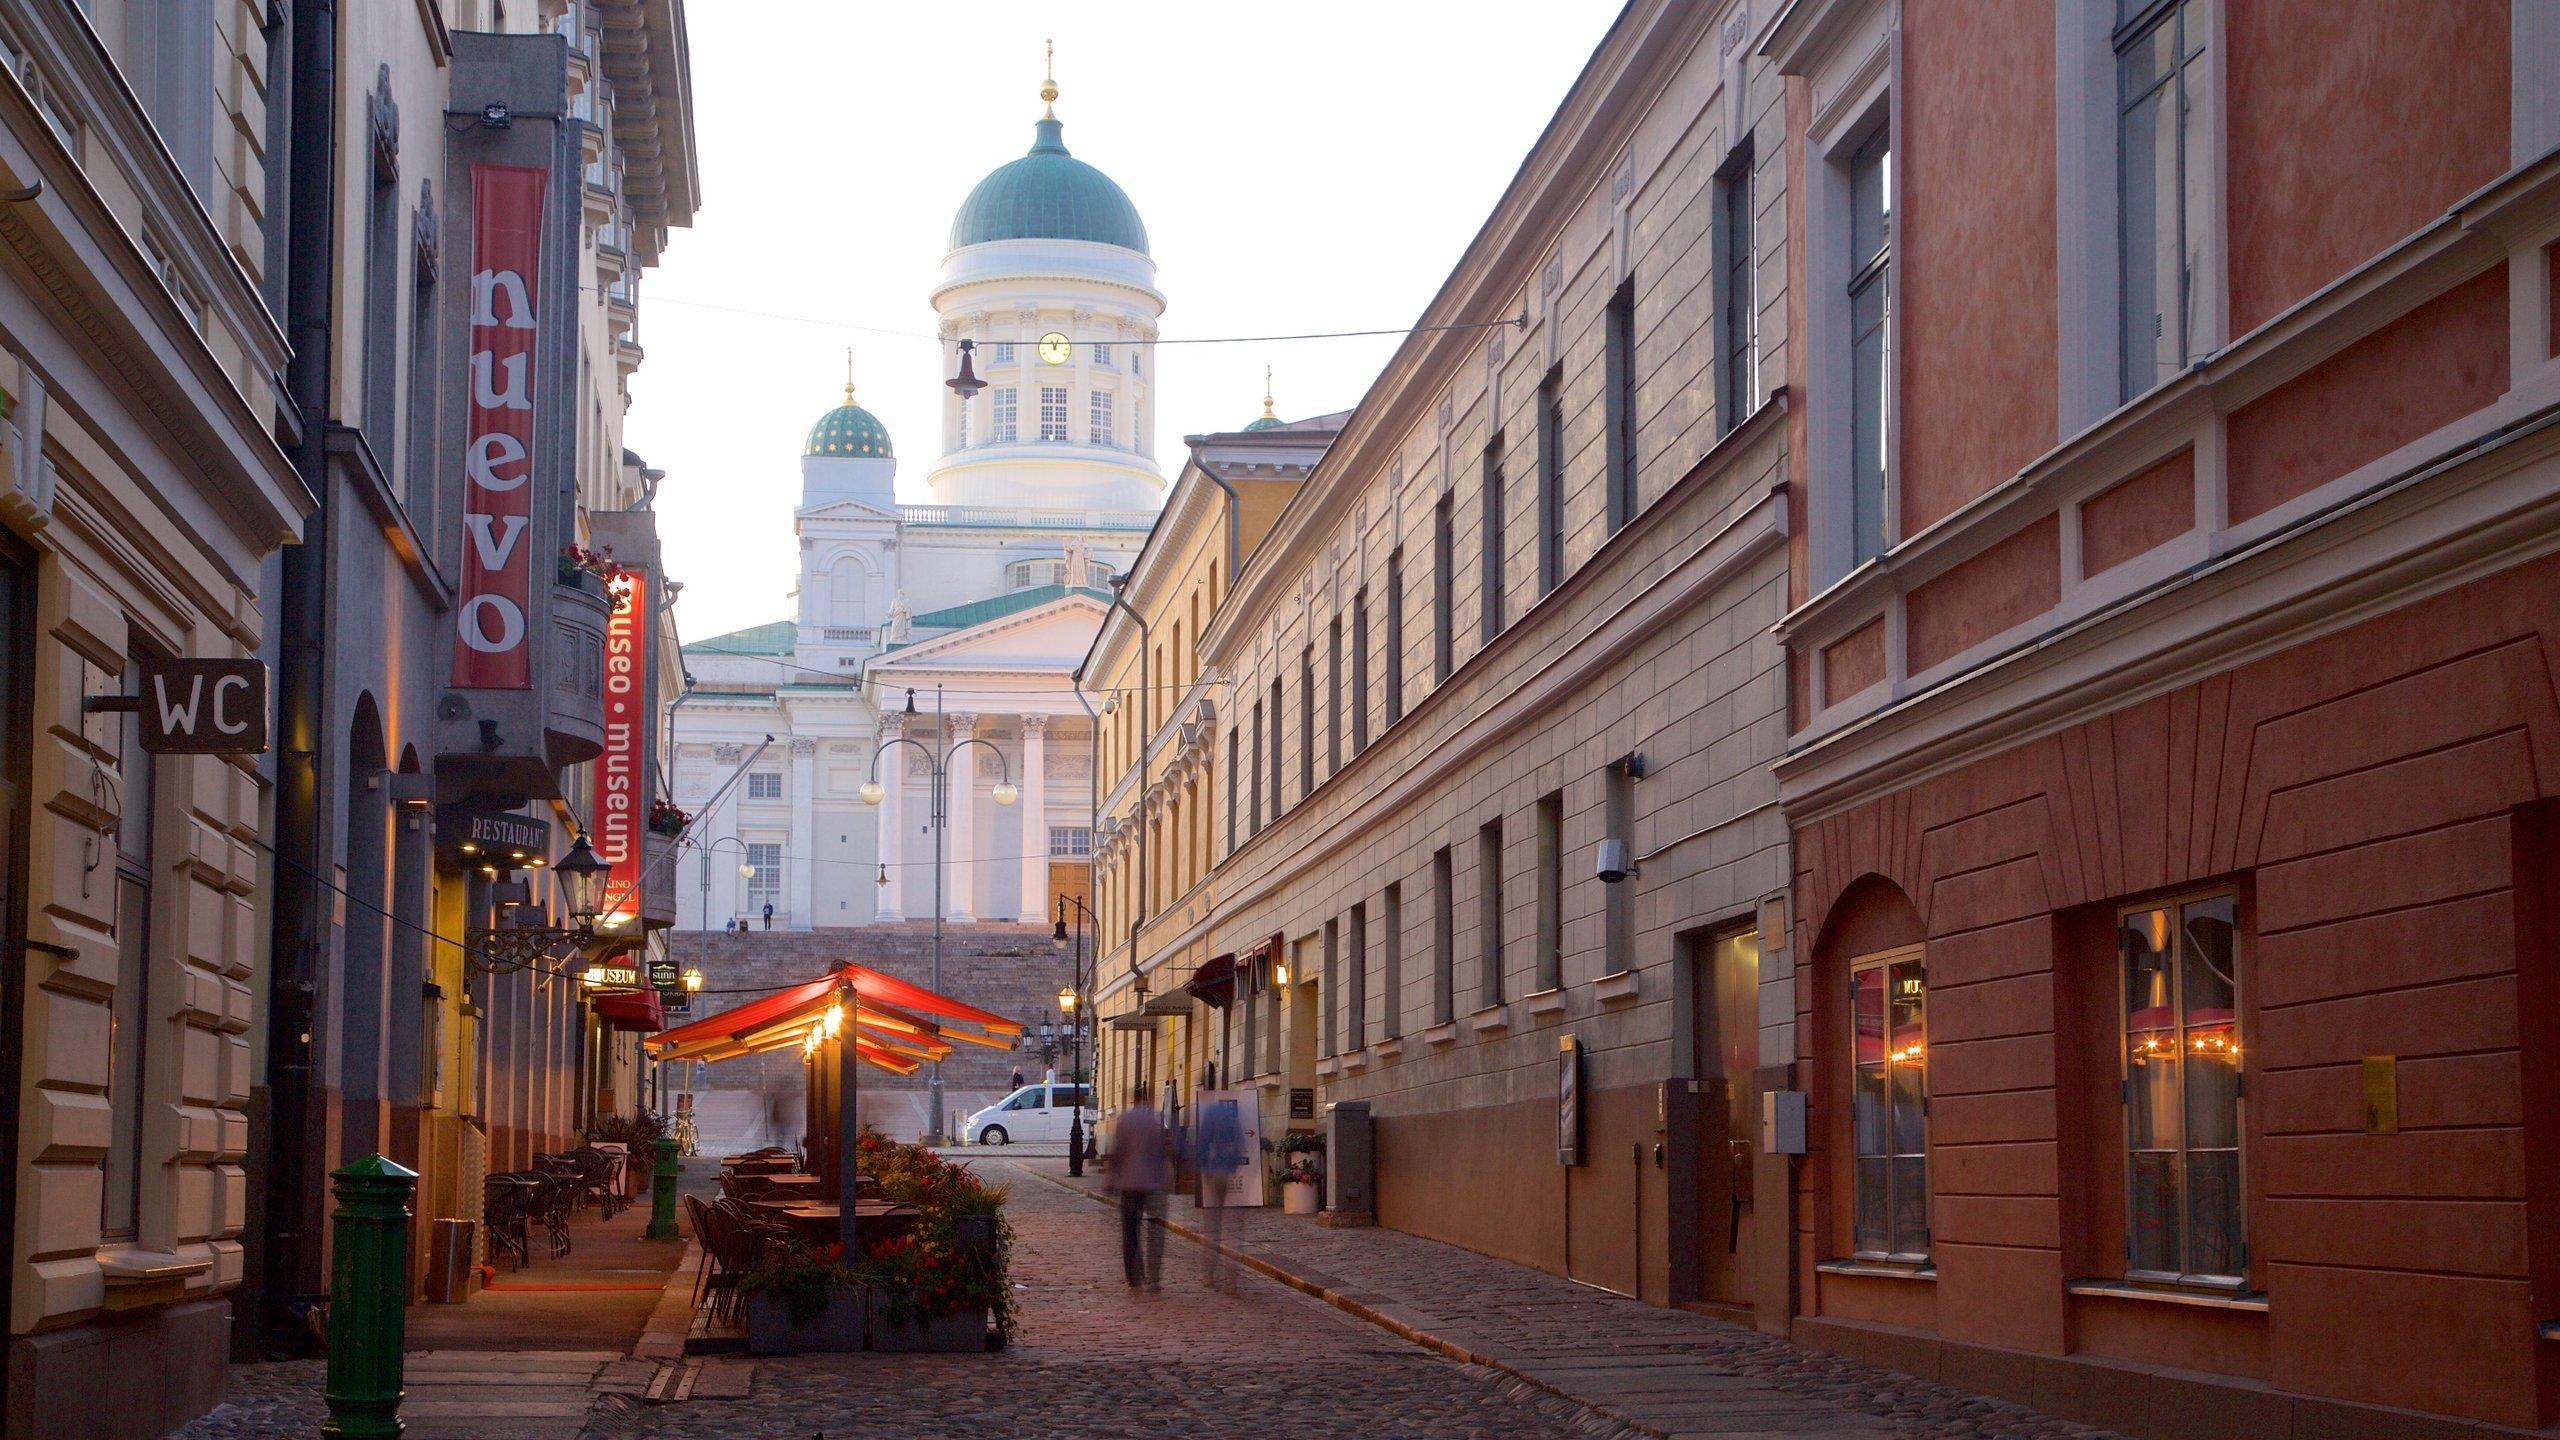 Hotellit Helsingin Kaupungin Keskusta Jopa Halpaa Hotellia